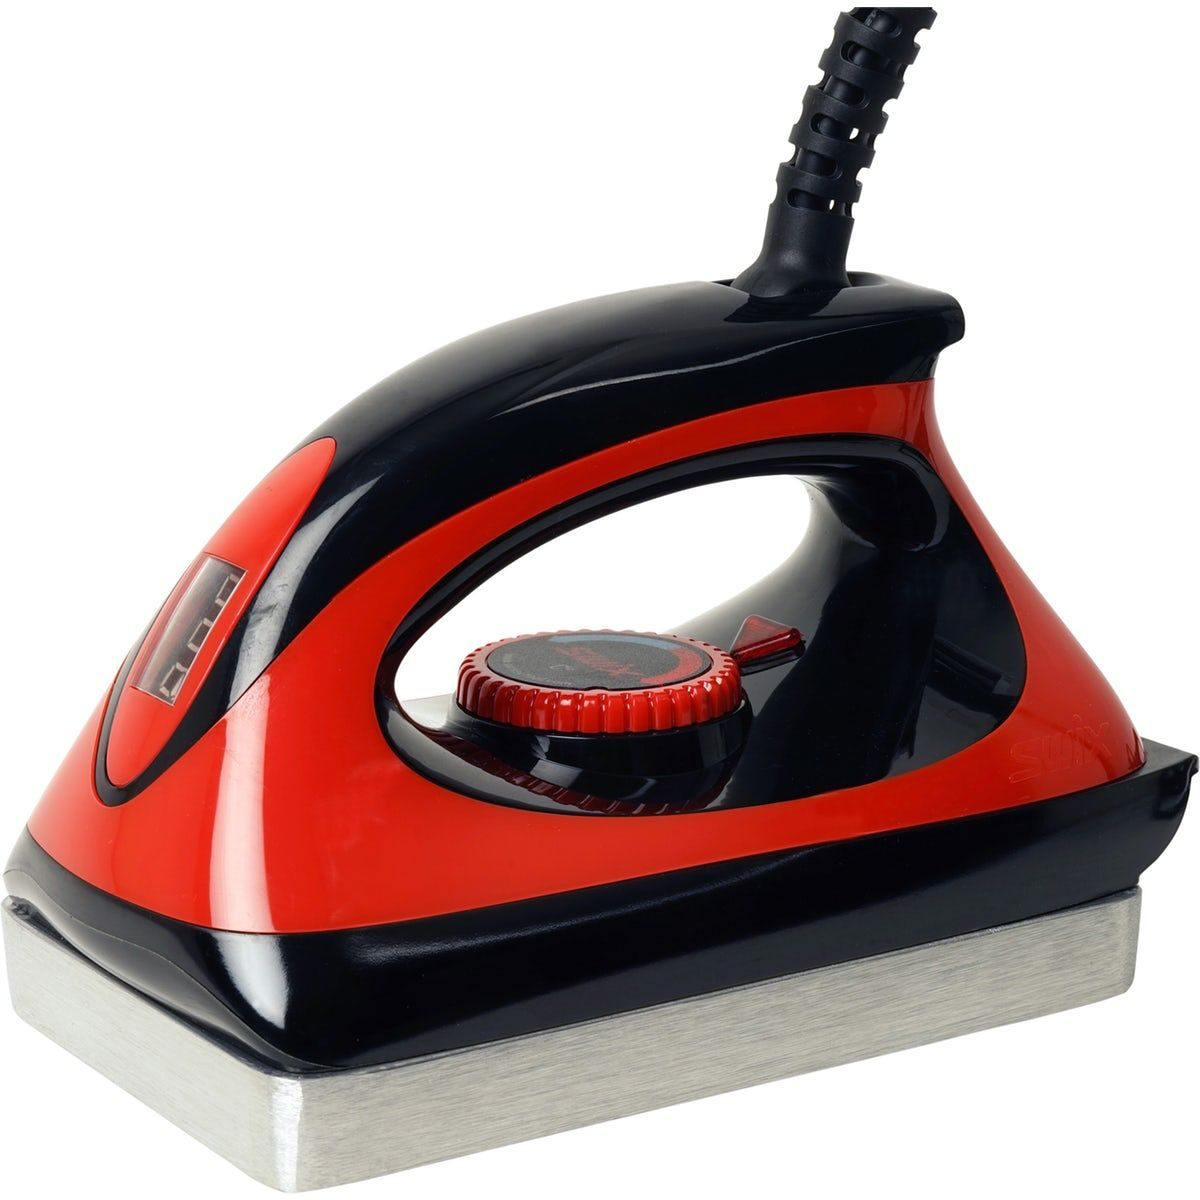 Swix T73 Digital Sport Waxing Iron MEC Iron, Sports